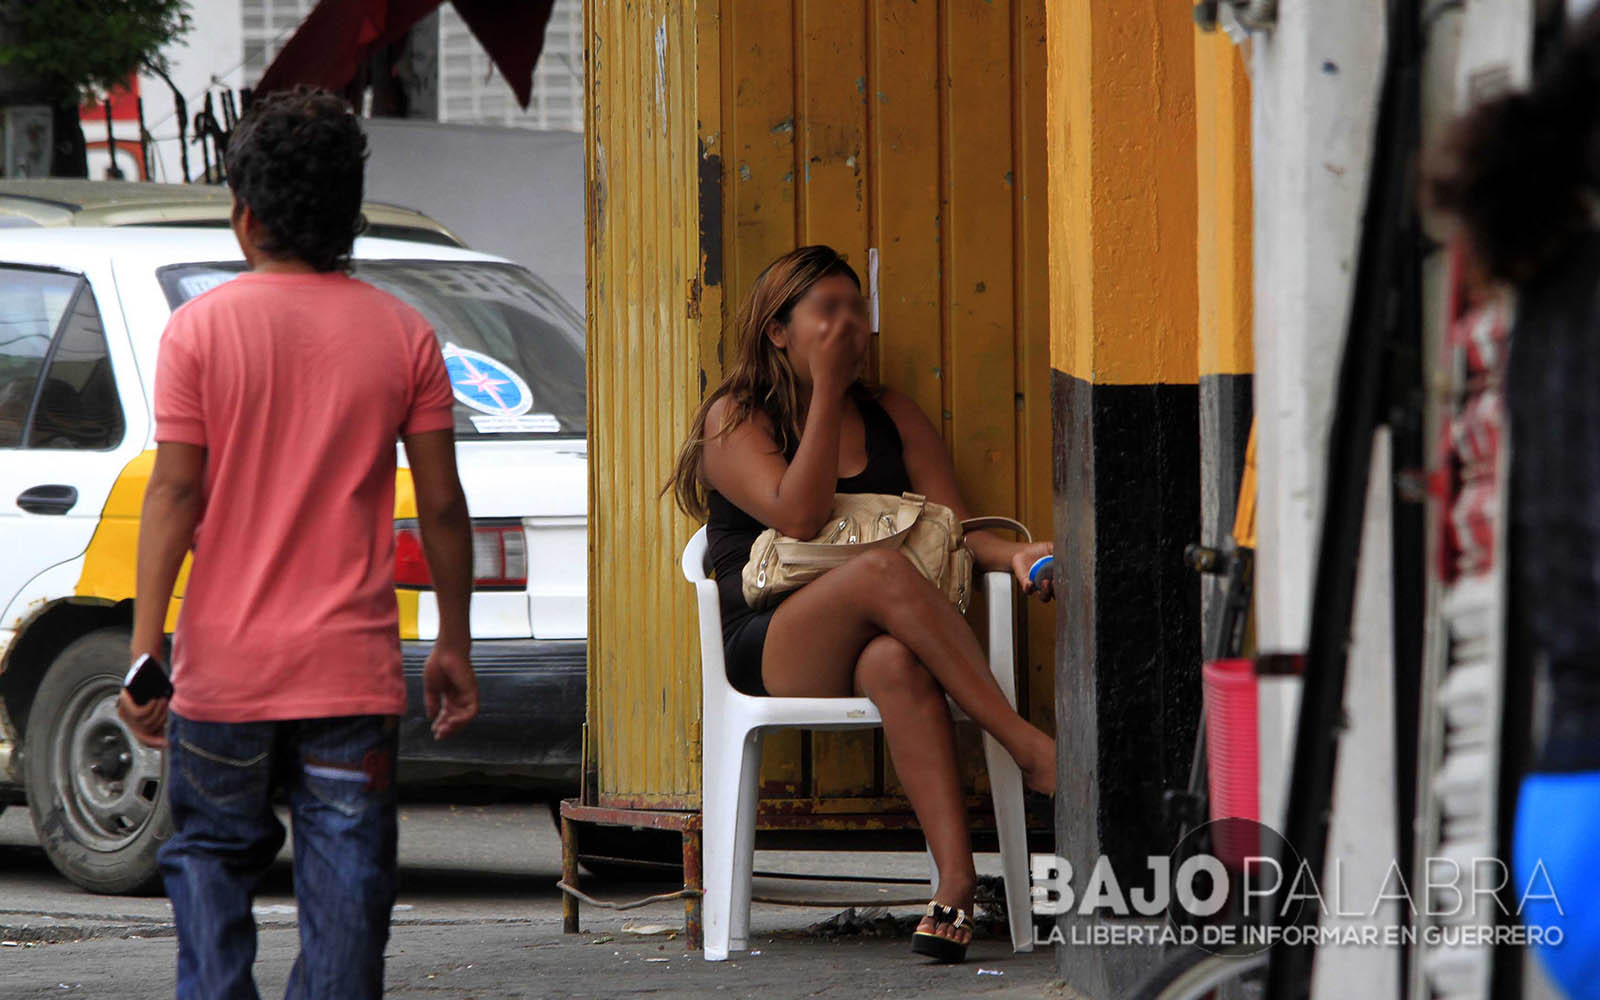 prostitutas villa vallecas instagram de prostitutas